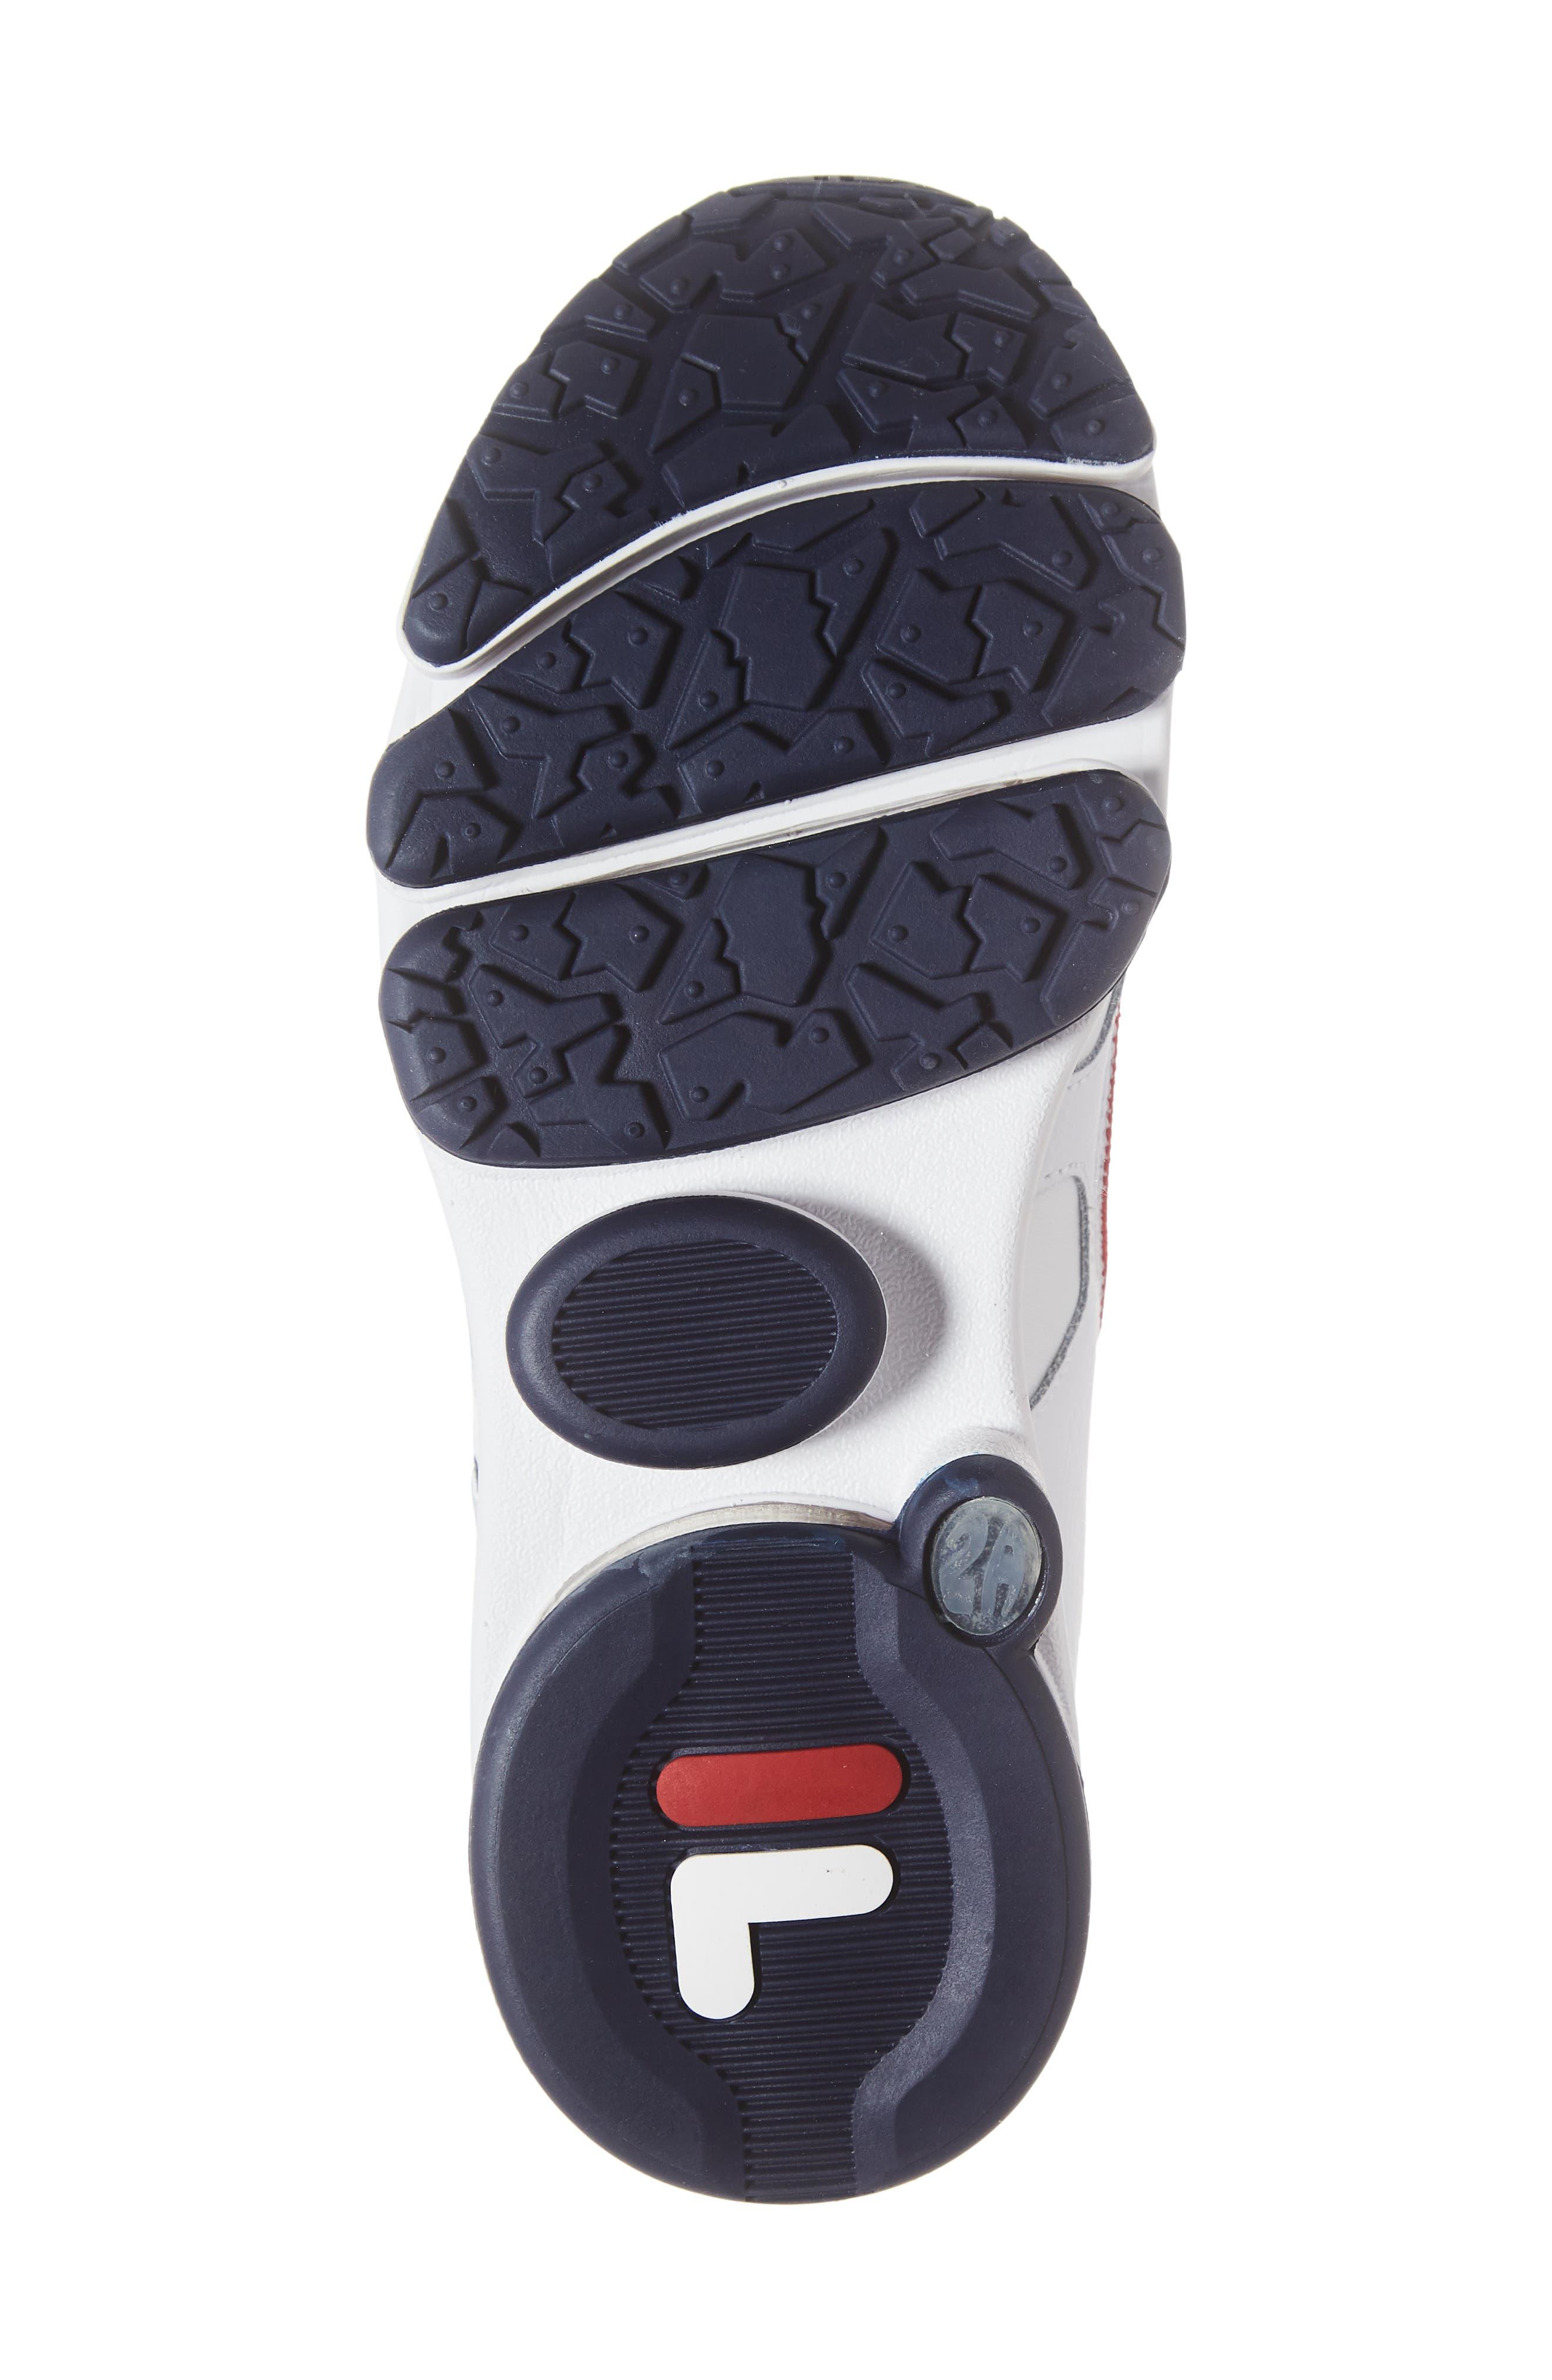 Silva Trainer Sneaker,                             Alternate thumbnail 6, color,                             WHITE/ NAVY/ RED